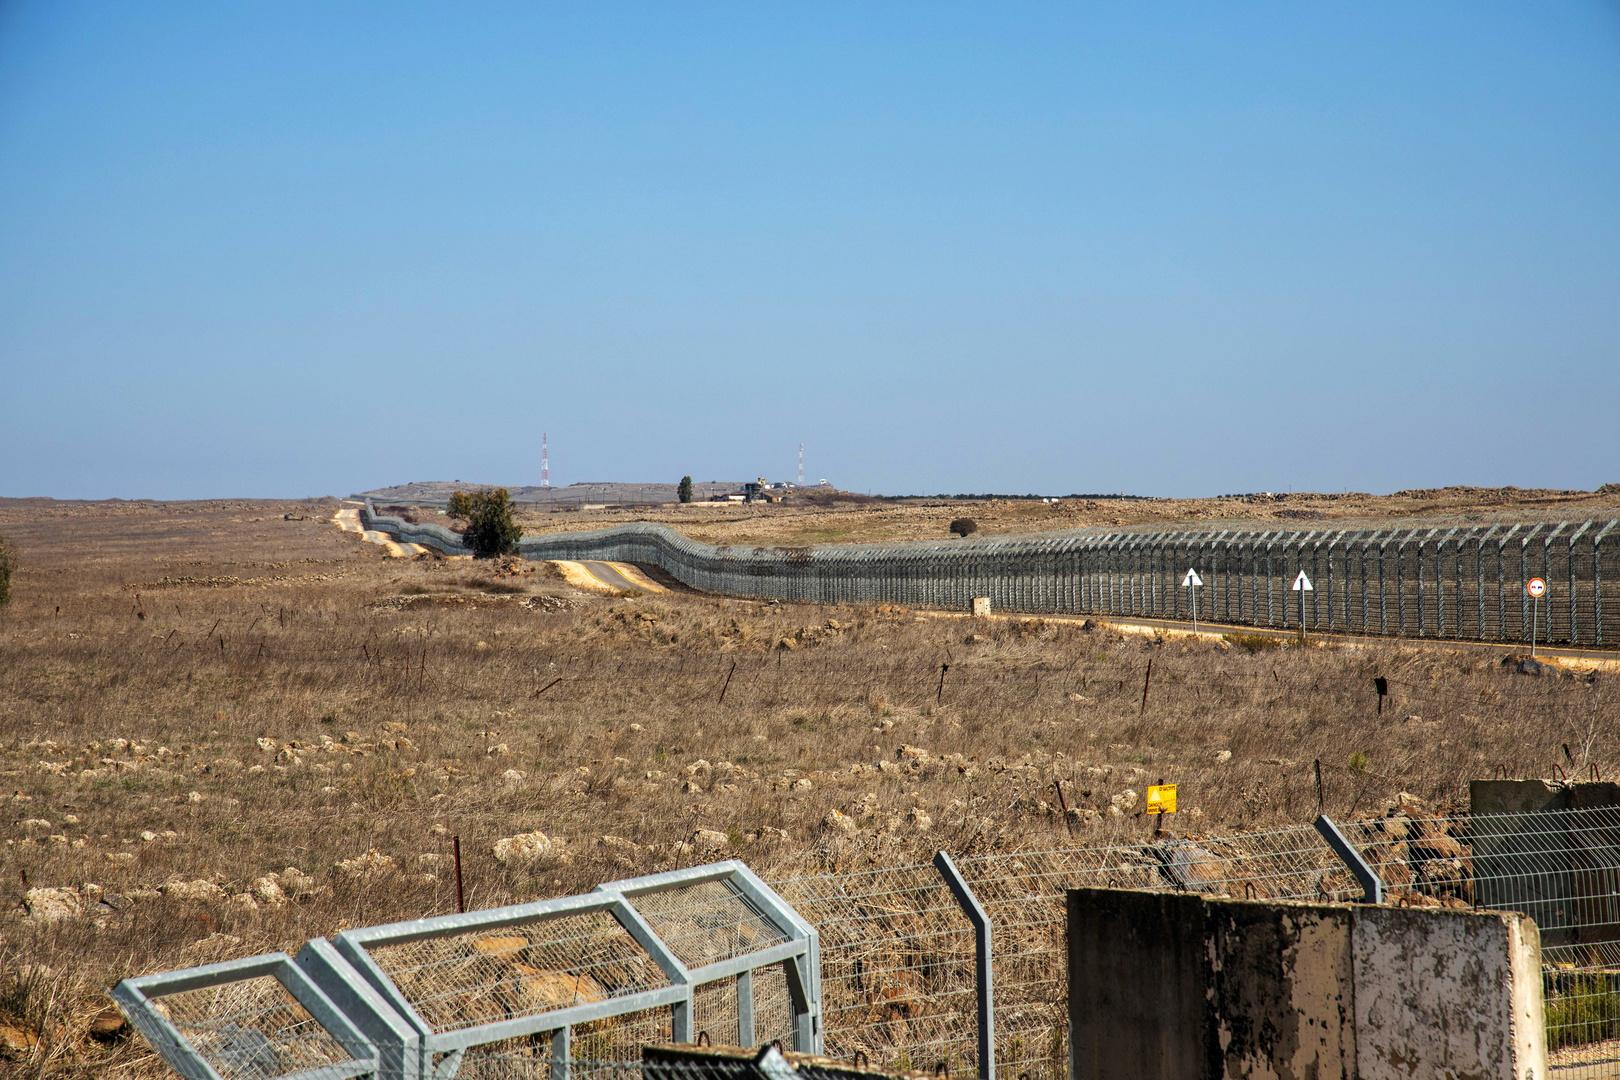 القضاء الإسرائيلي يحكم بالسجن 8 أشهر على إسرائيلية اجتازت الحدود إلى سوريا